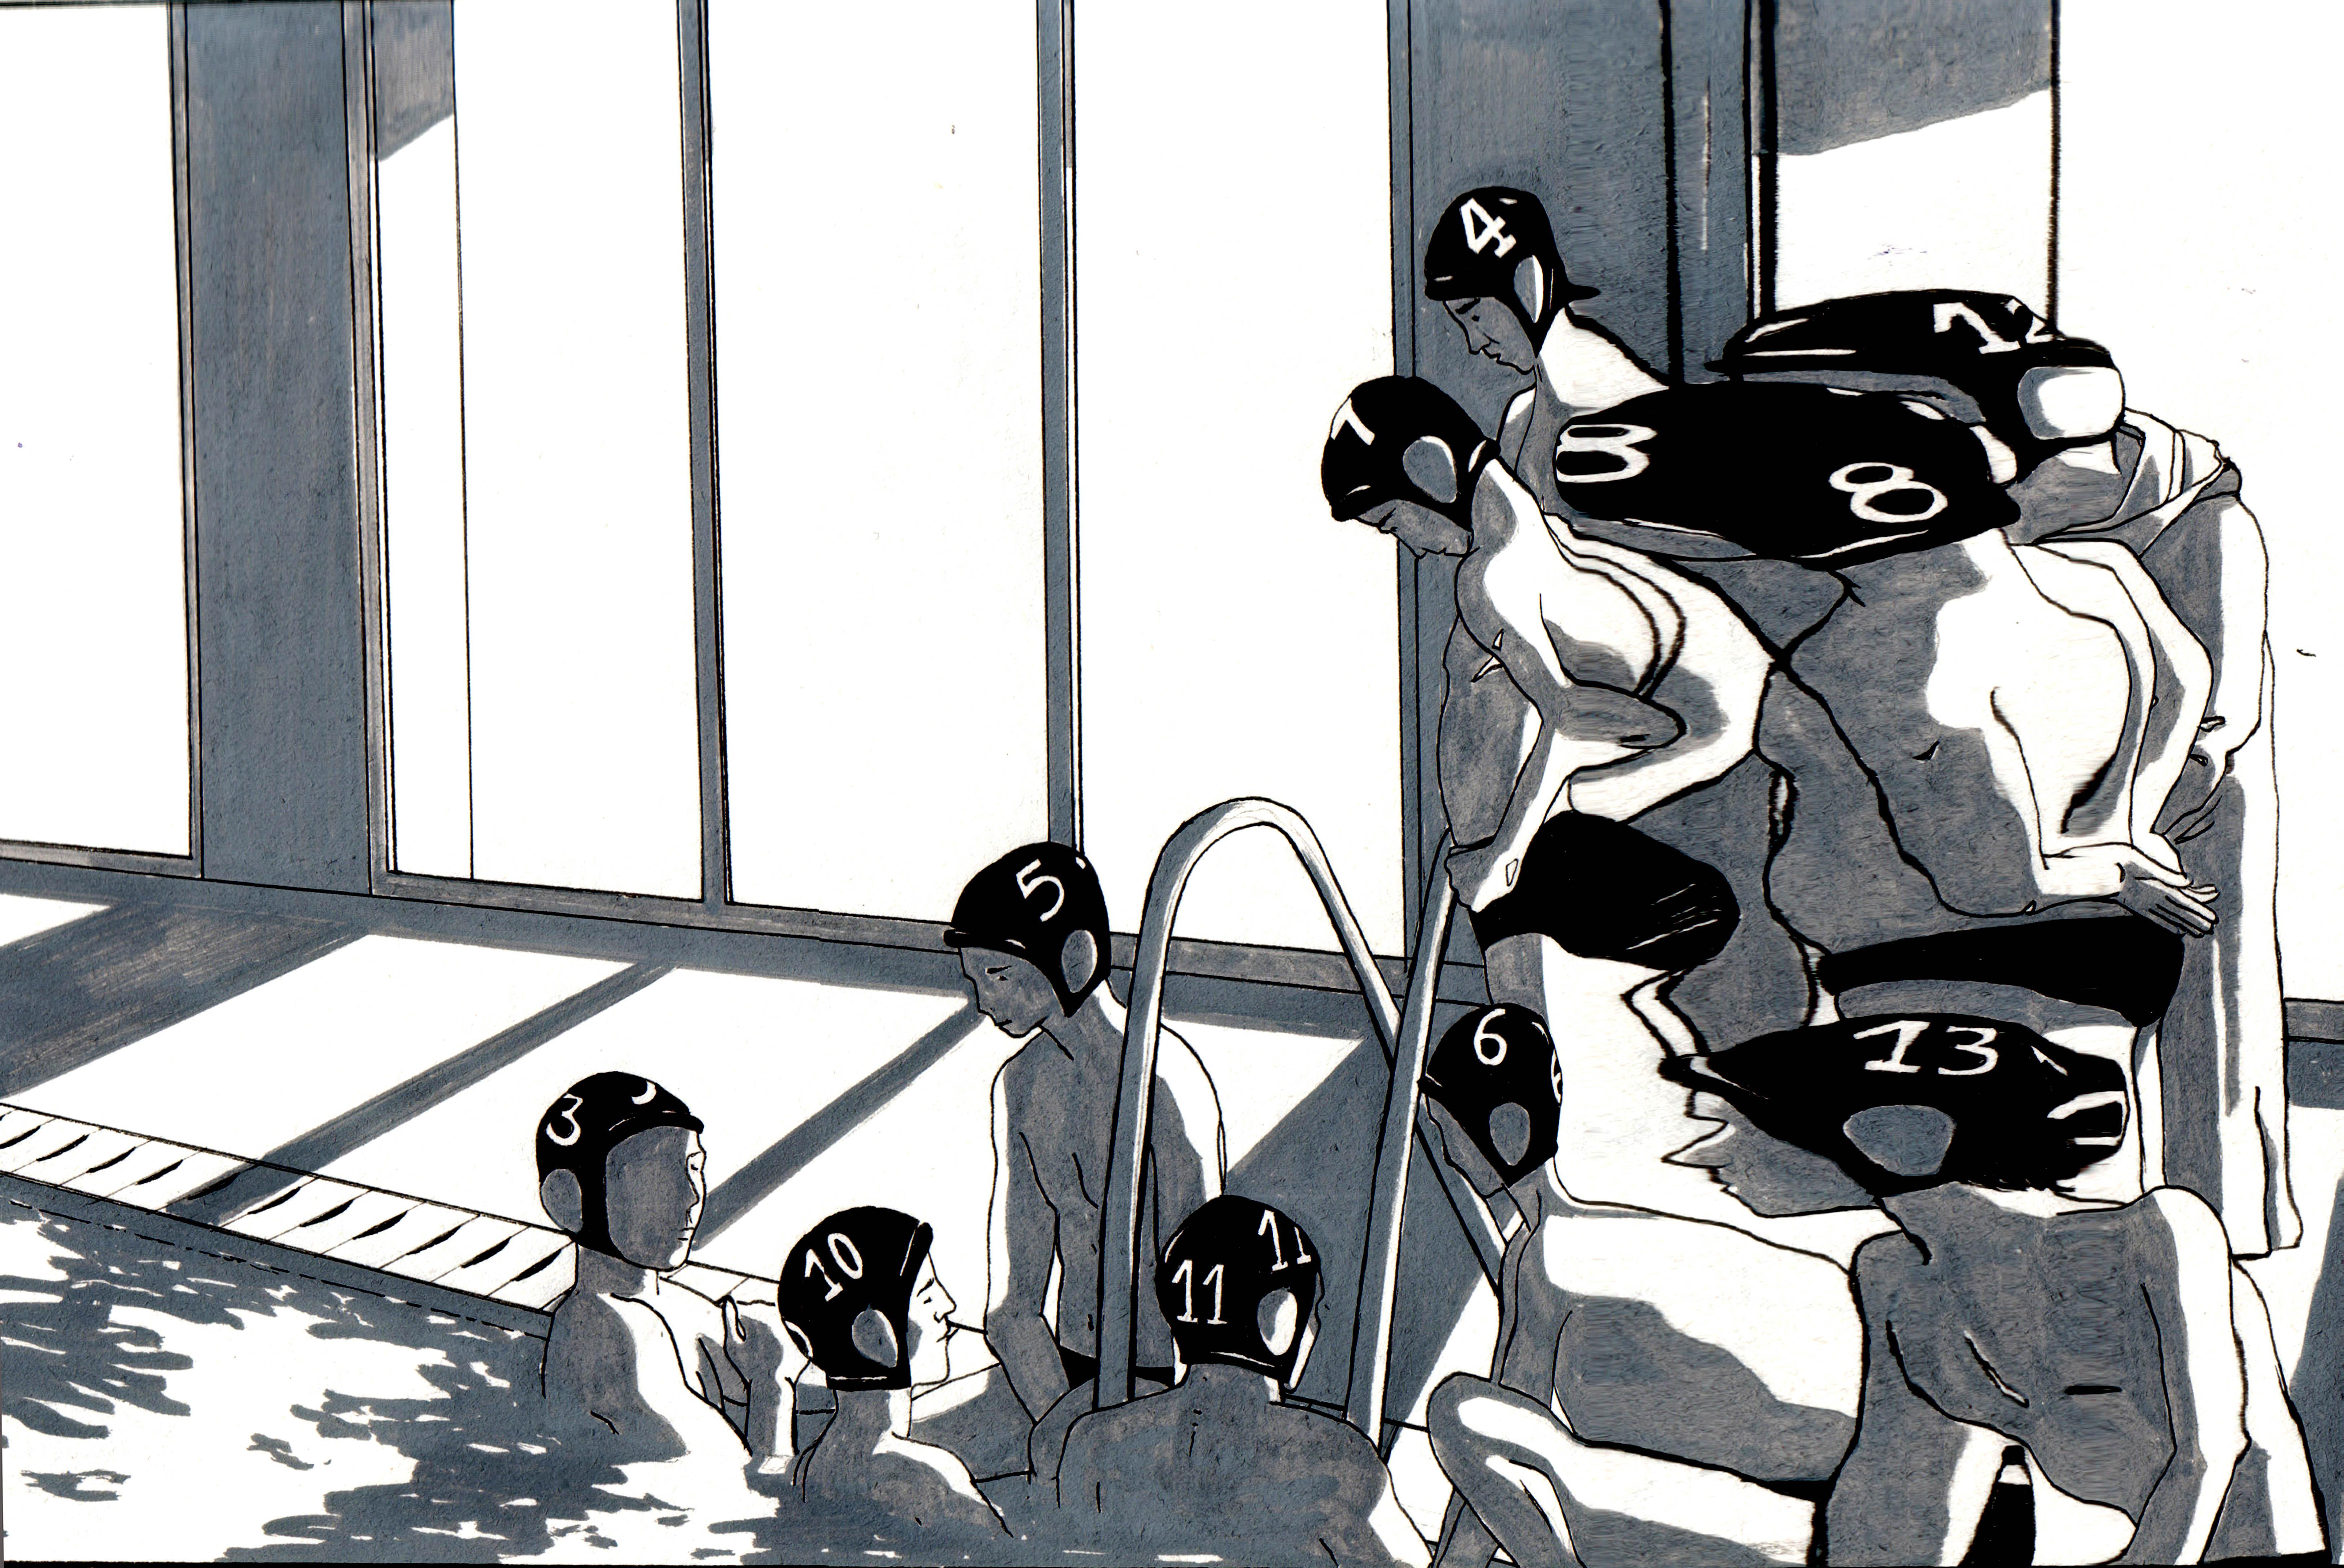 Waterpolistas a través de unas gafas de nadar.